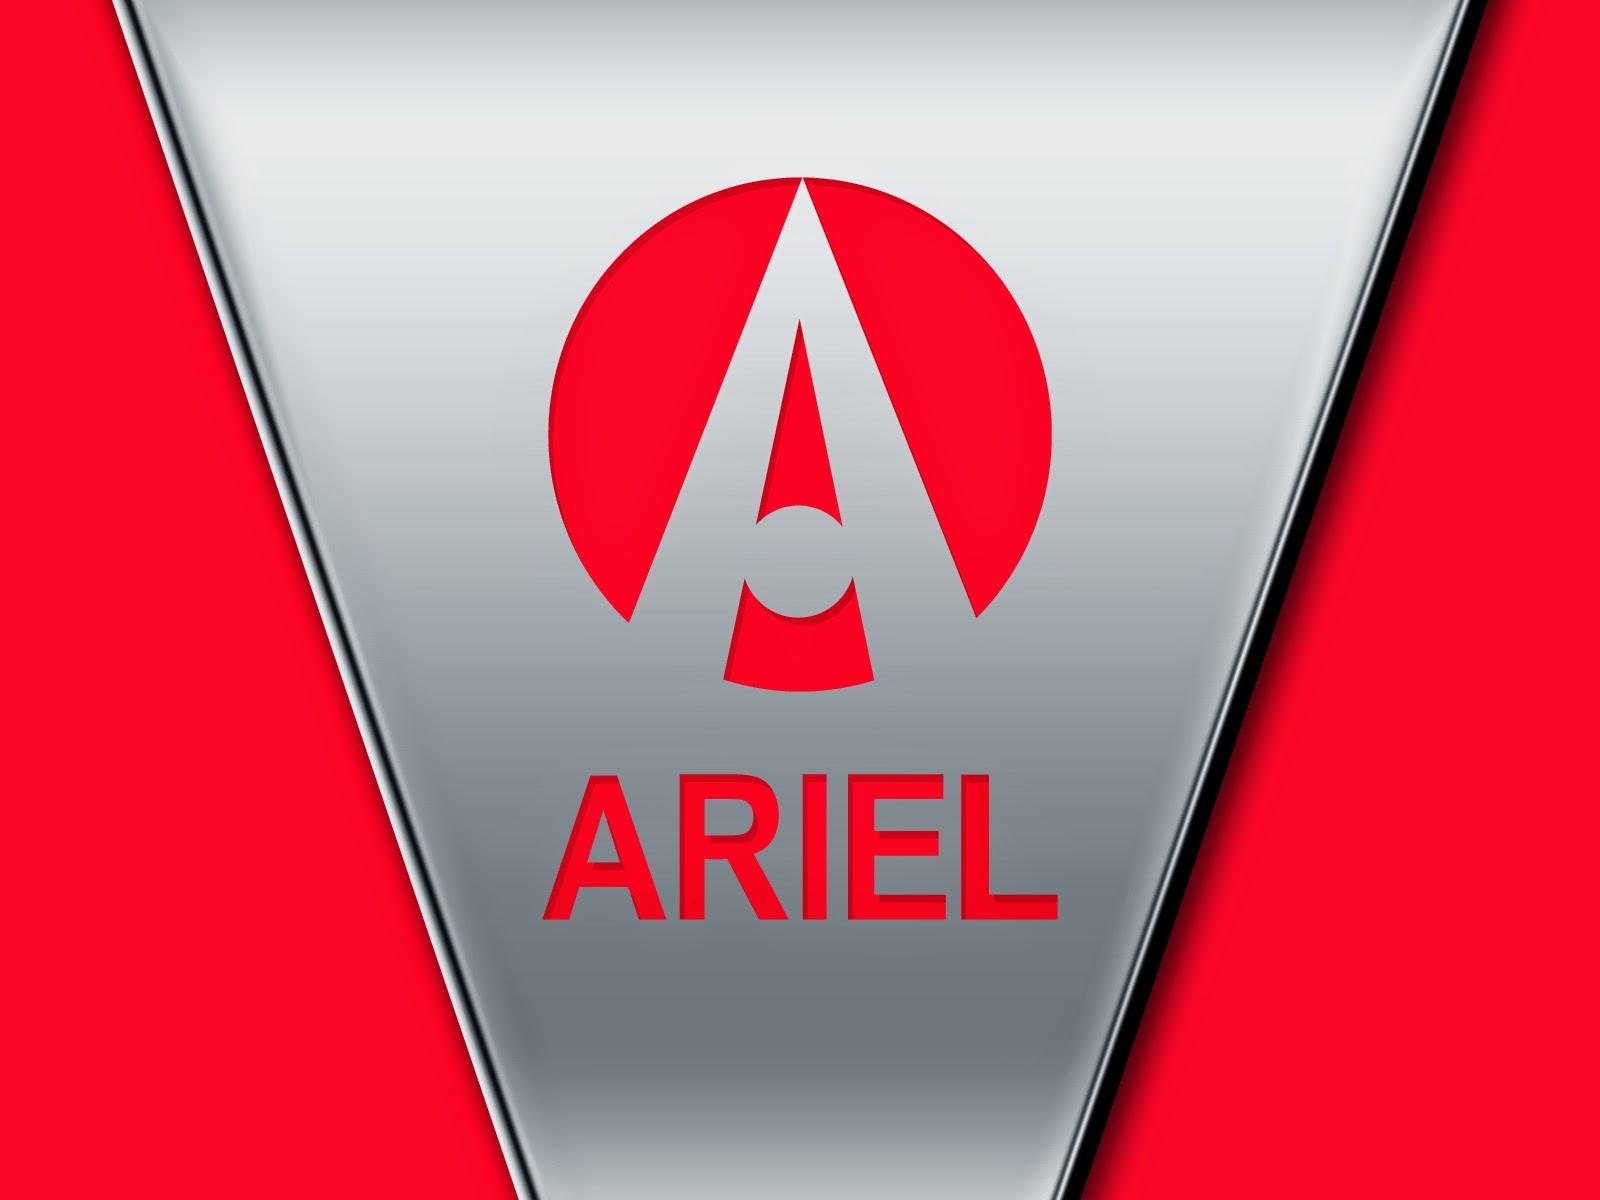 Marque de voiture - Ariel